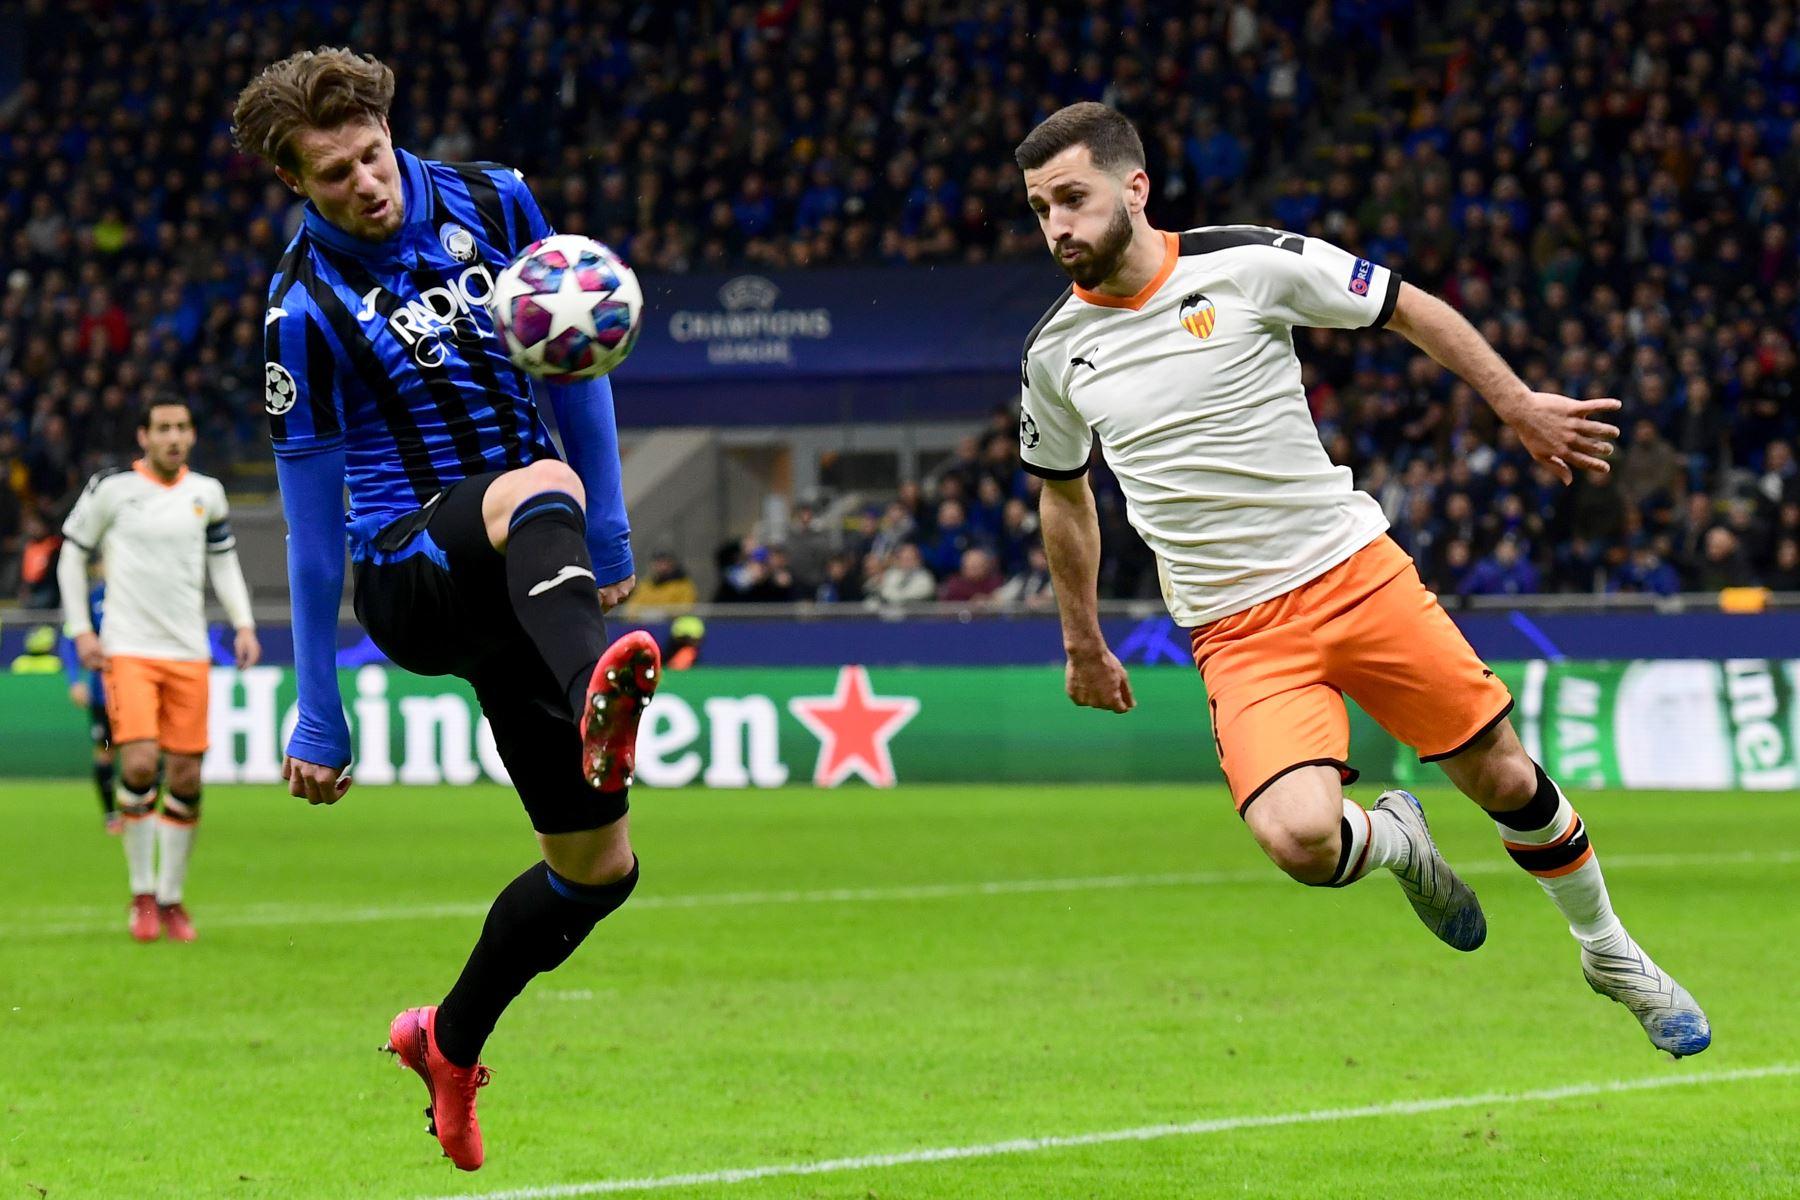 El defensor holandés de Atalanta, Hans Hateboer (L) y el defensor español de Valencia, José Luis Gaya Peña, van por el balón durante la ronda de 16 de la UEFA Champions League.Foto:AFP